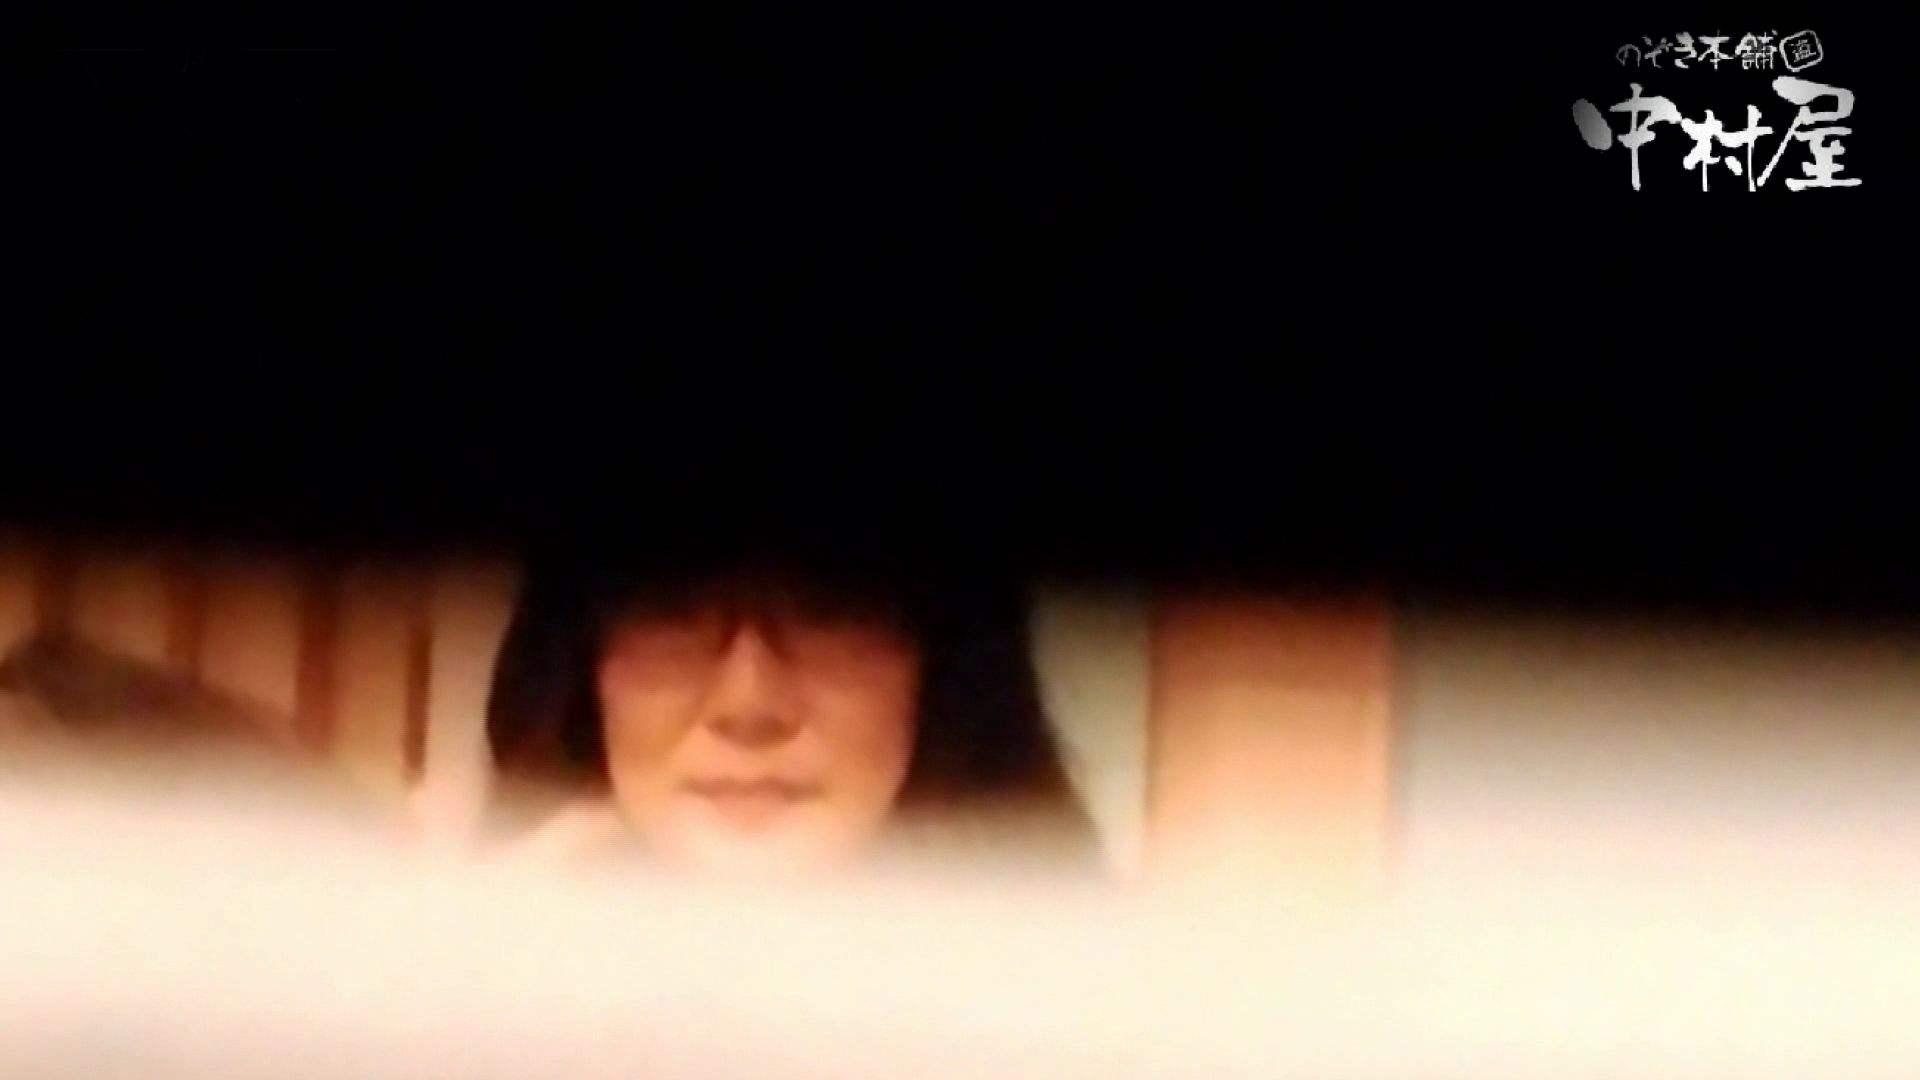 第三体育館潜入撮】第三体育館潜入撮File028 熟女特集!! 無修正マンコ 隠し撮りすけべAV動画紹介 96PICs 82